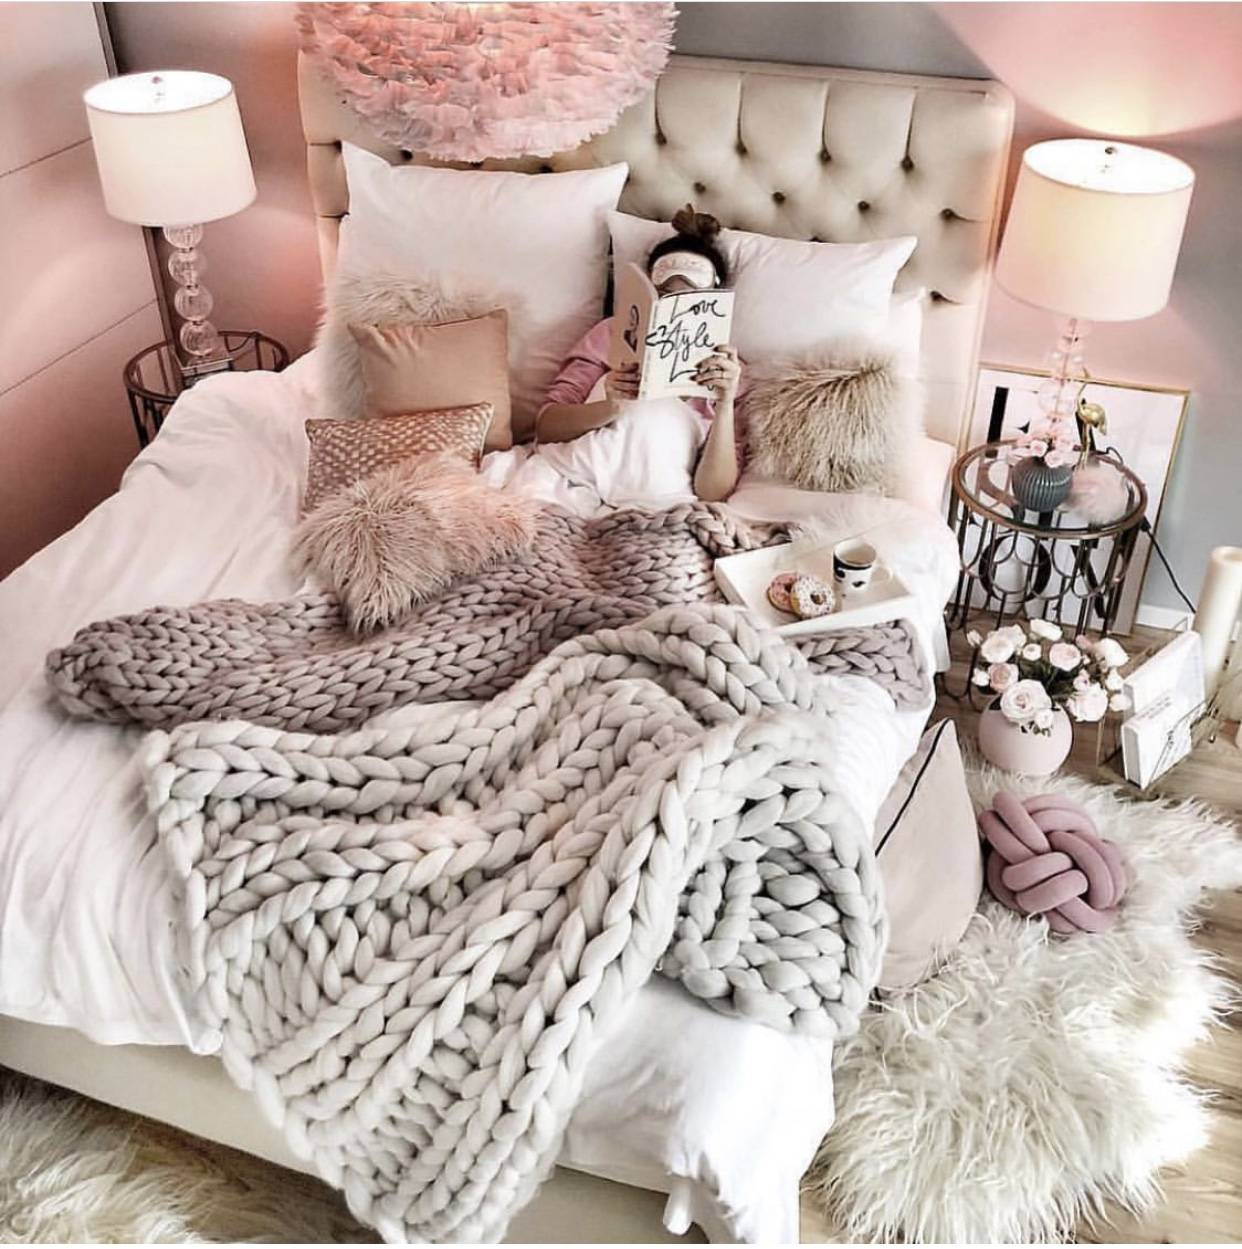 10 VSCO Bedroom Ideas for the VSCO Girl , The Pink Dream